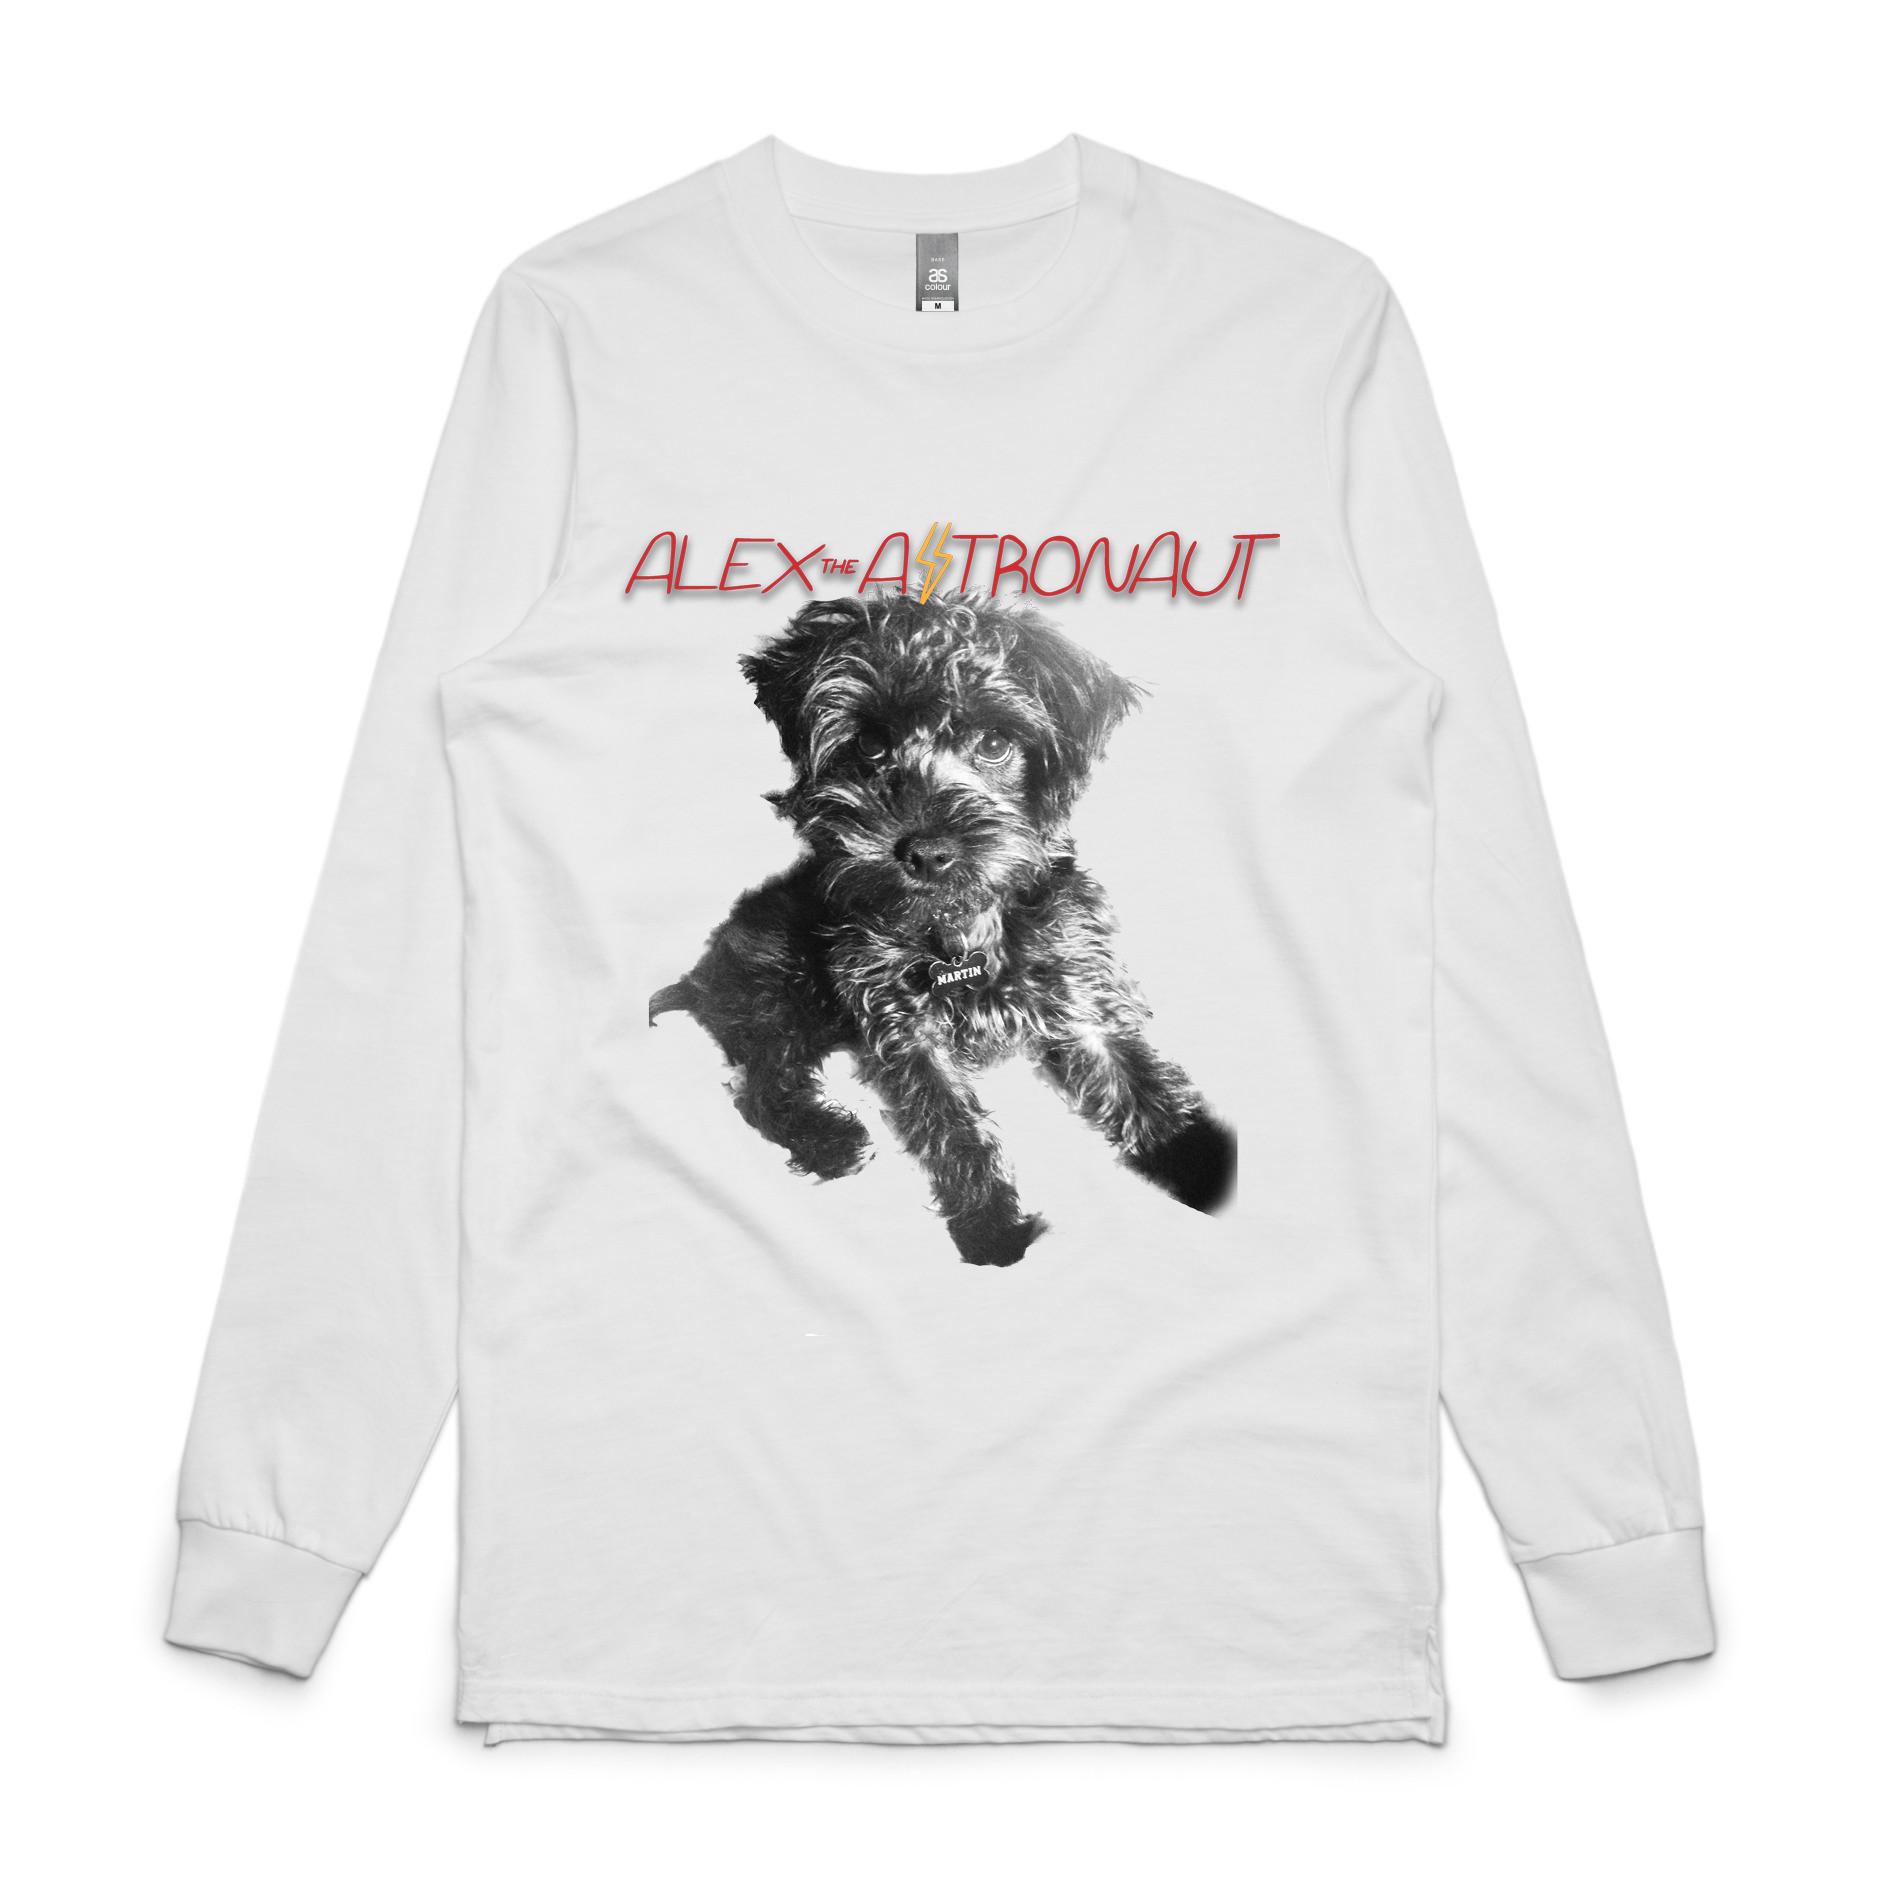 Martin Long Sleeve Shirt - Alex The Astronaut